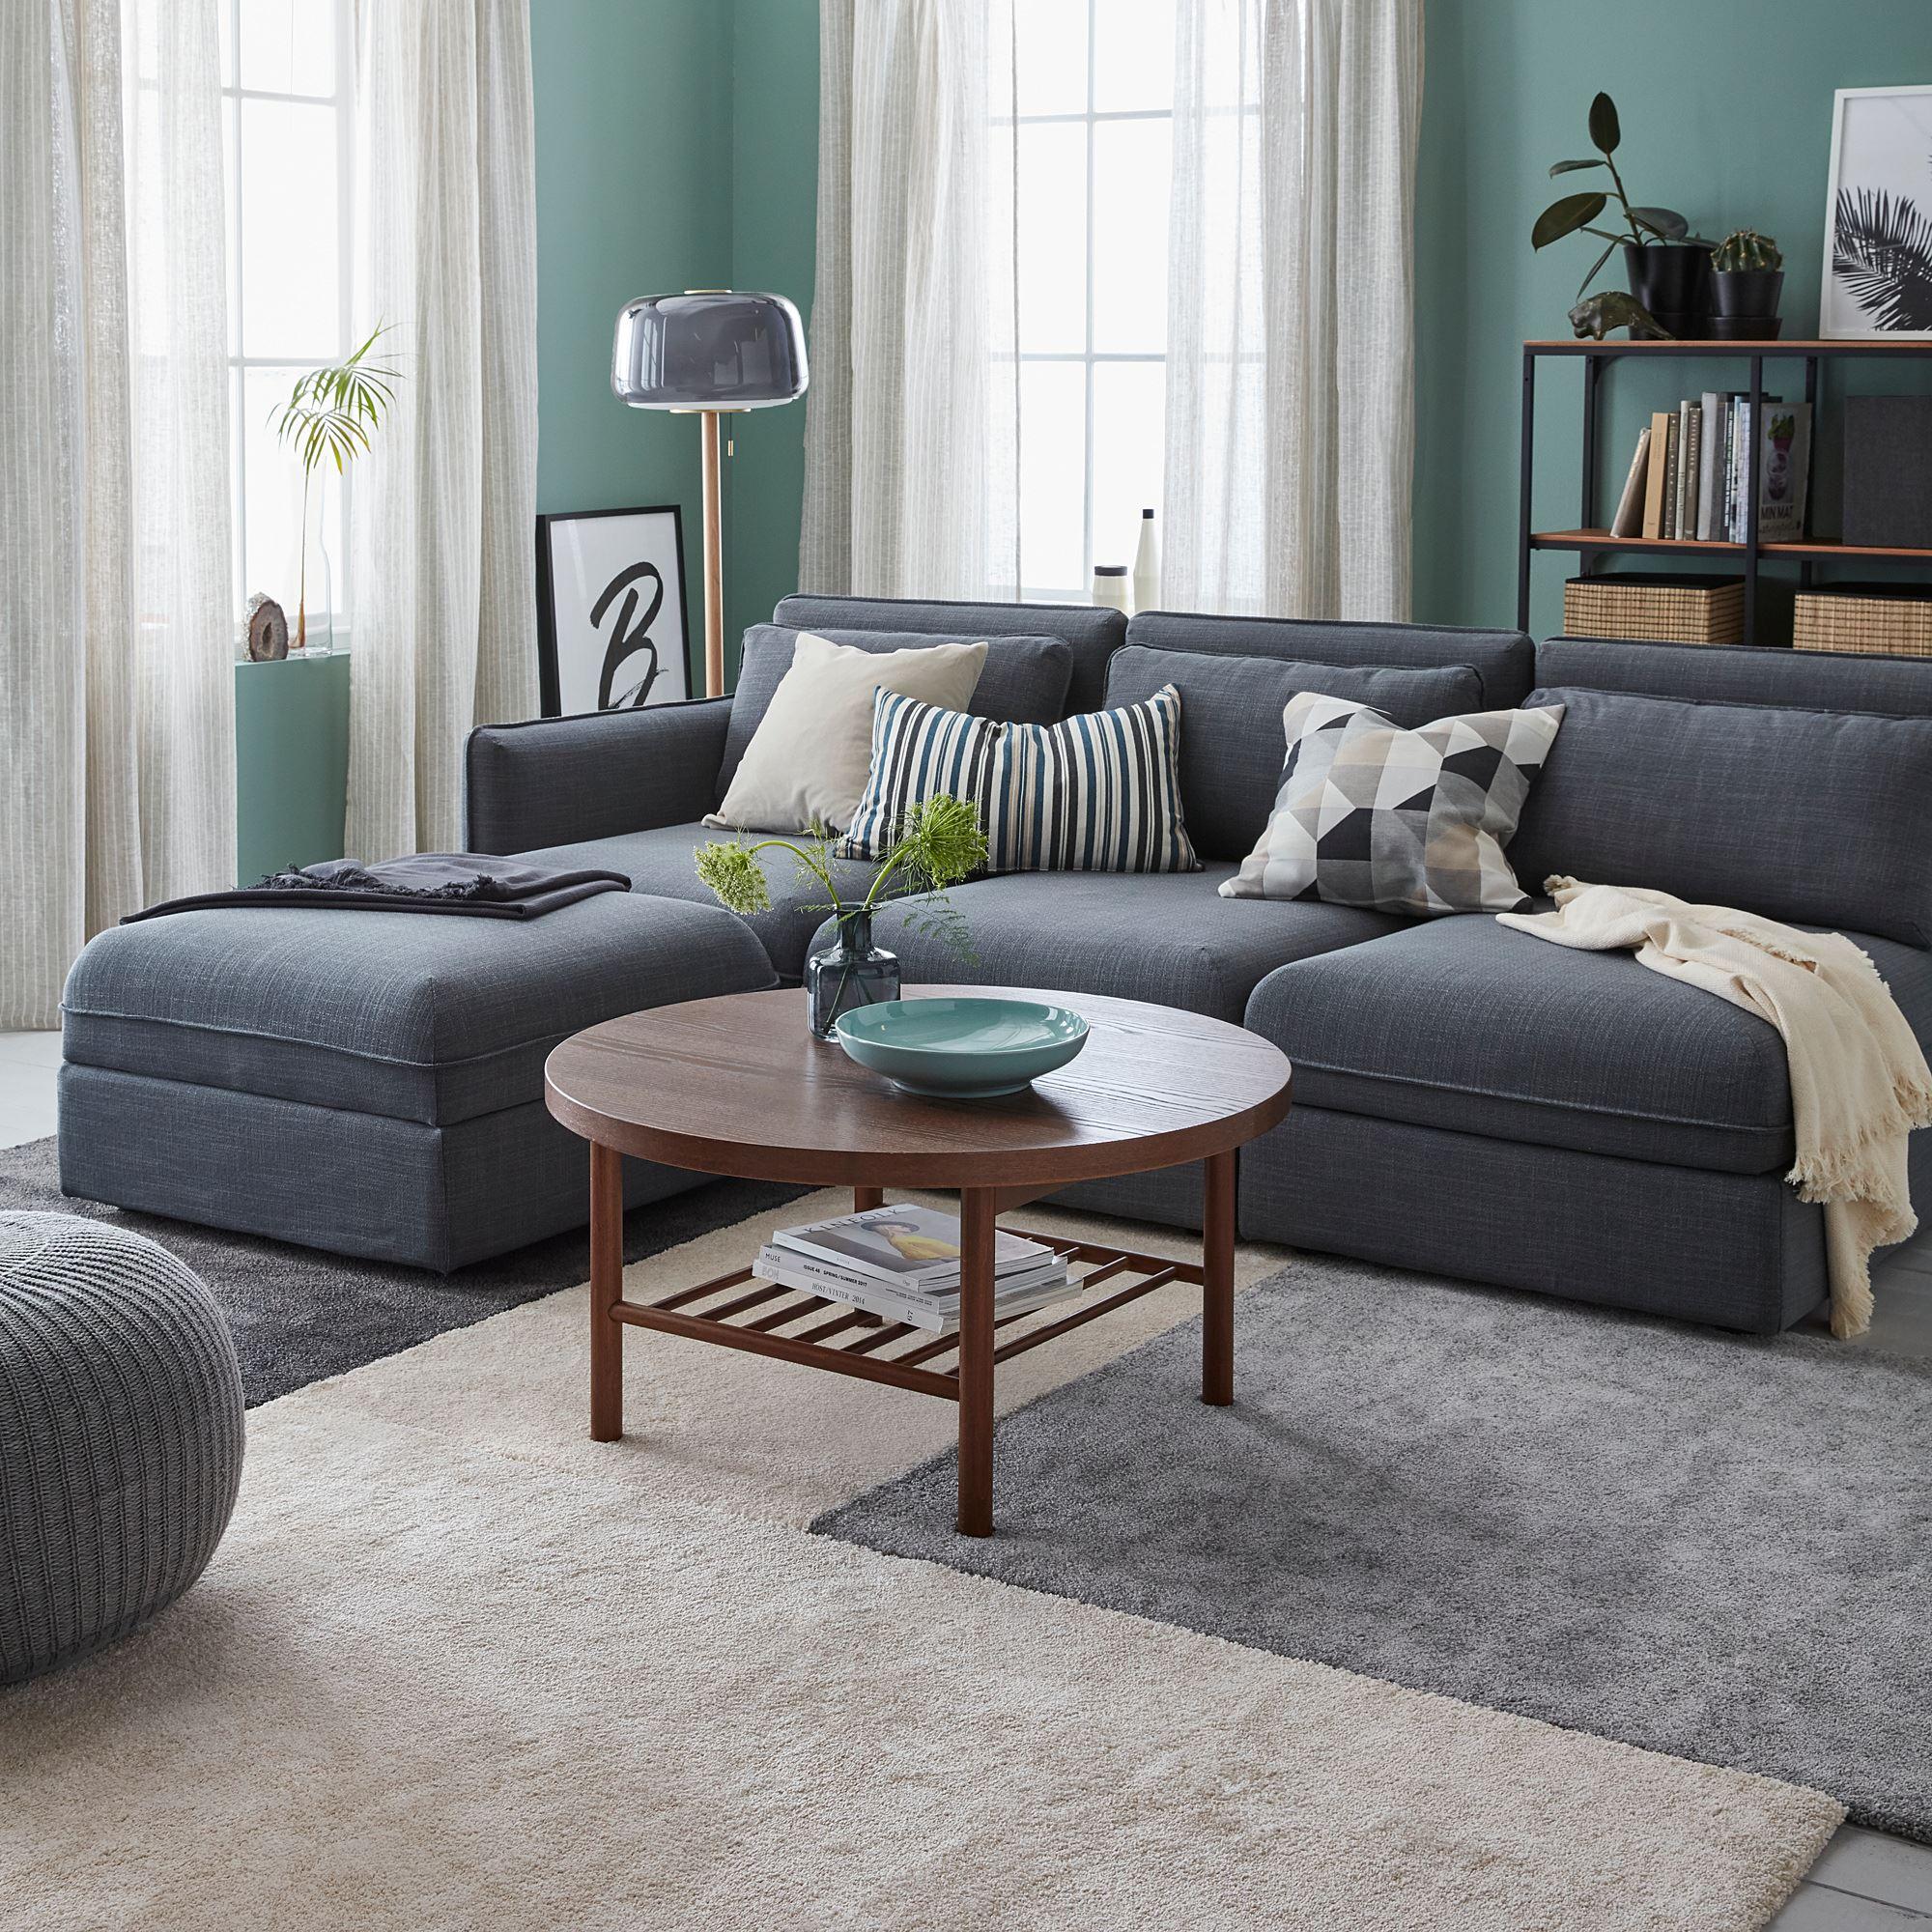 STOENSE rug off white 200x300 cm | IKEA Living Room